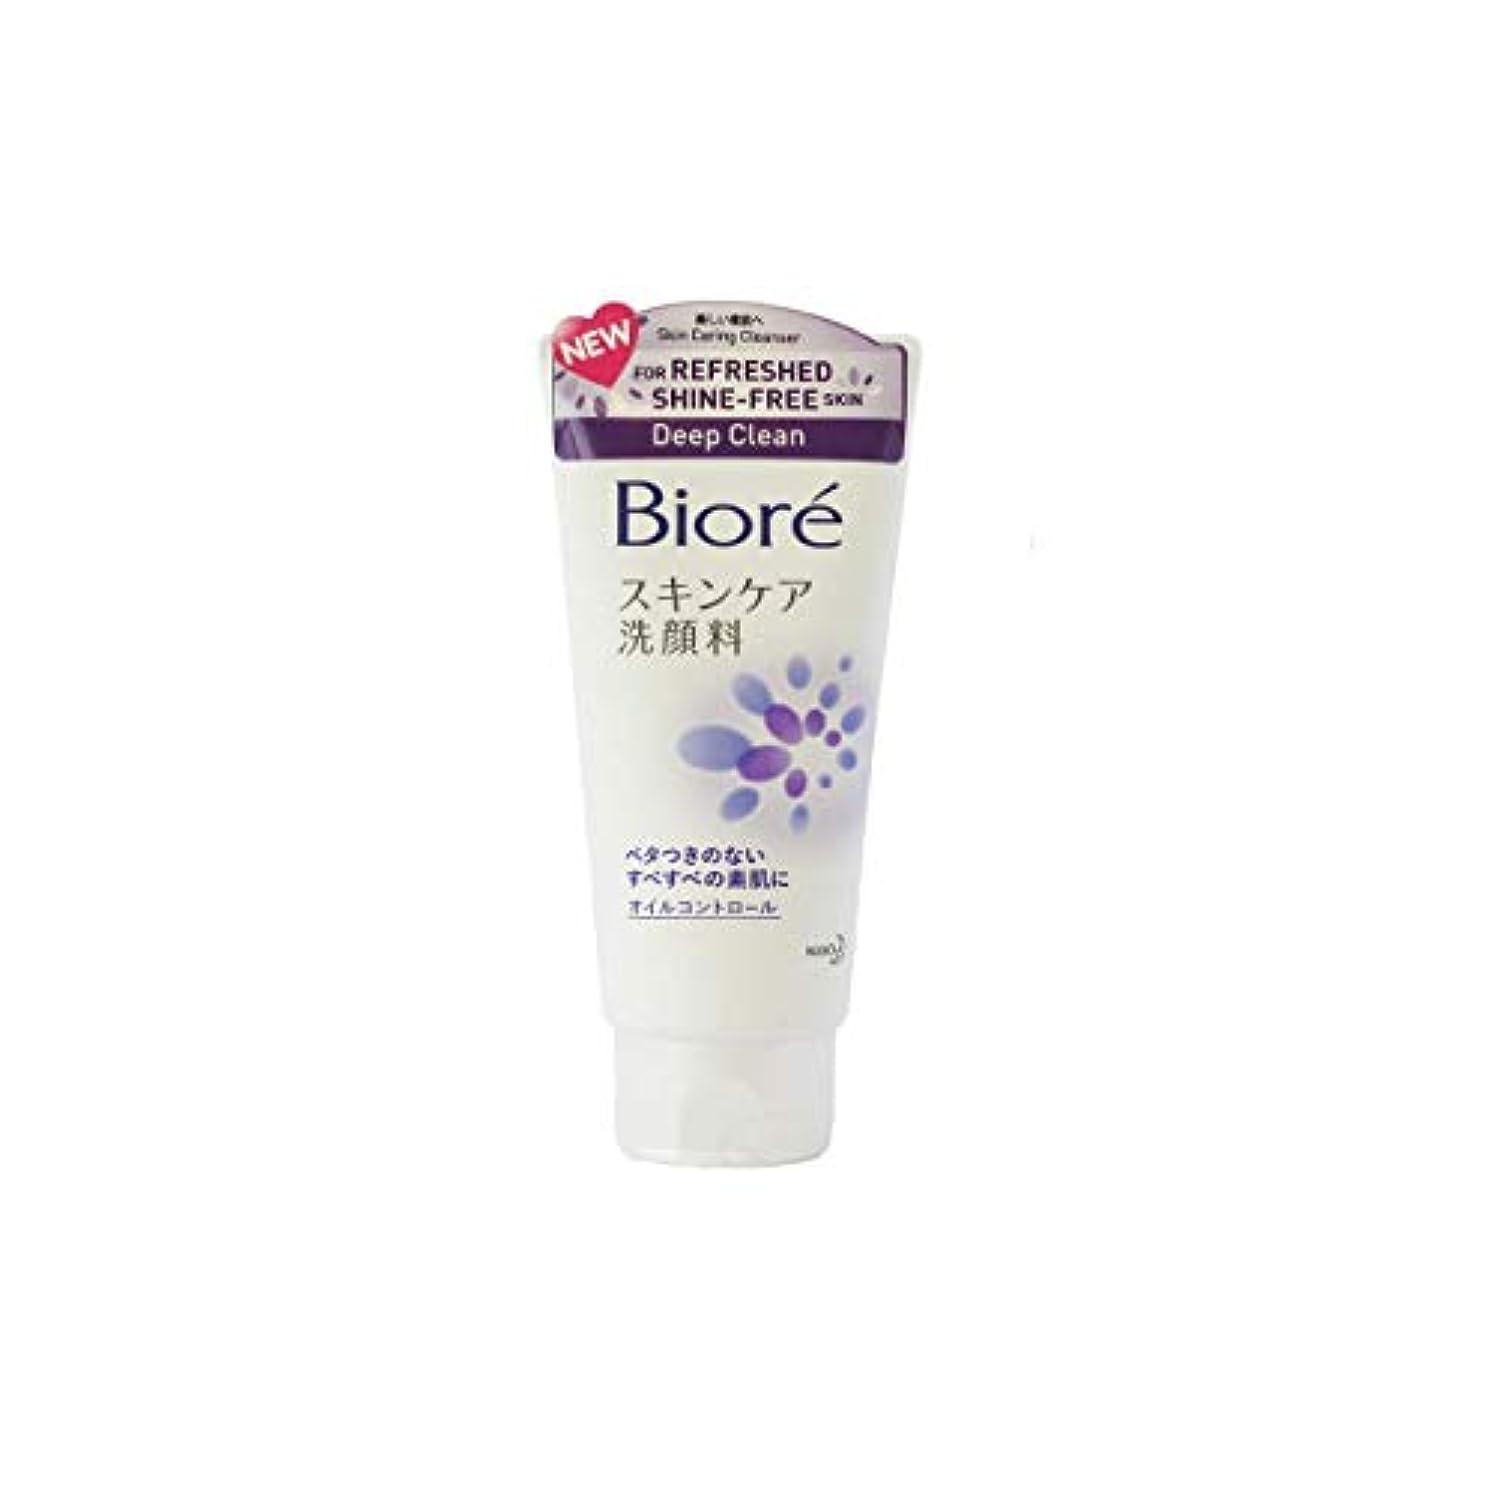 ためらう前売うぬぼれBIORE UV ビオレ皮膚洗浄剤オイルコントロール親密な130グラム